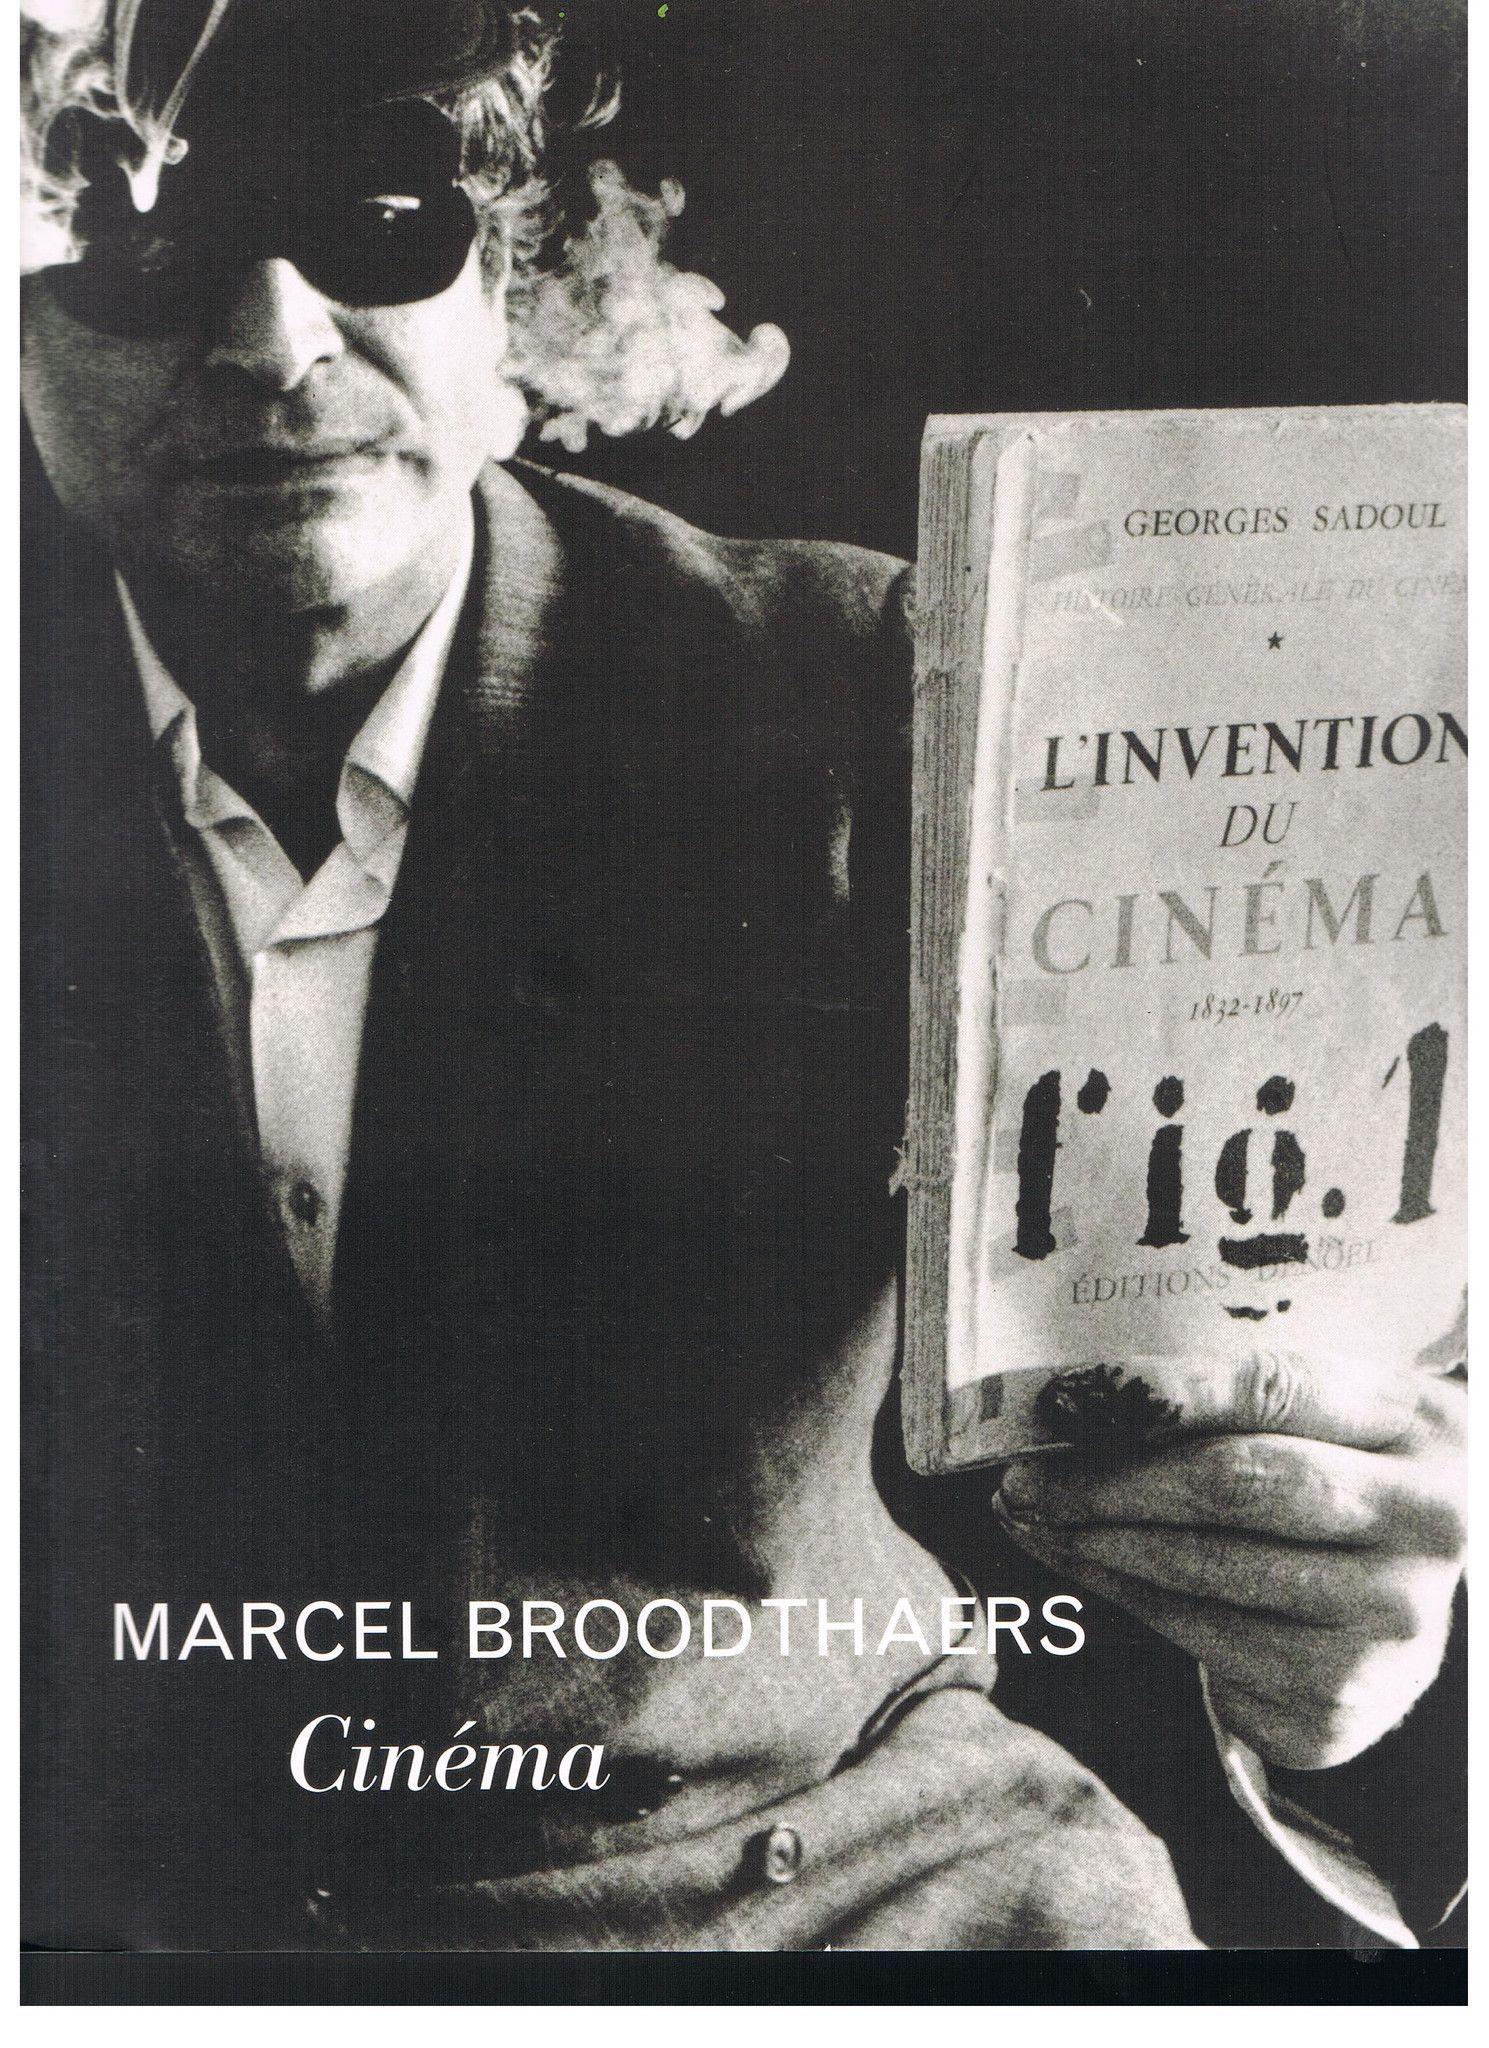 Broodthaers, Marcel. Marcel Broodthaers: Cinema